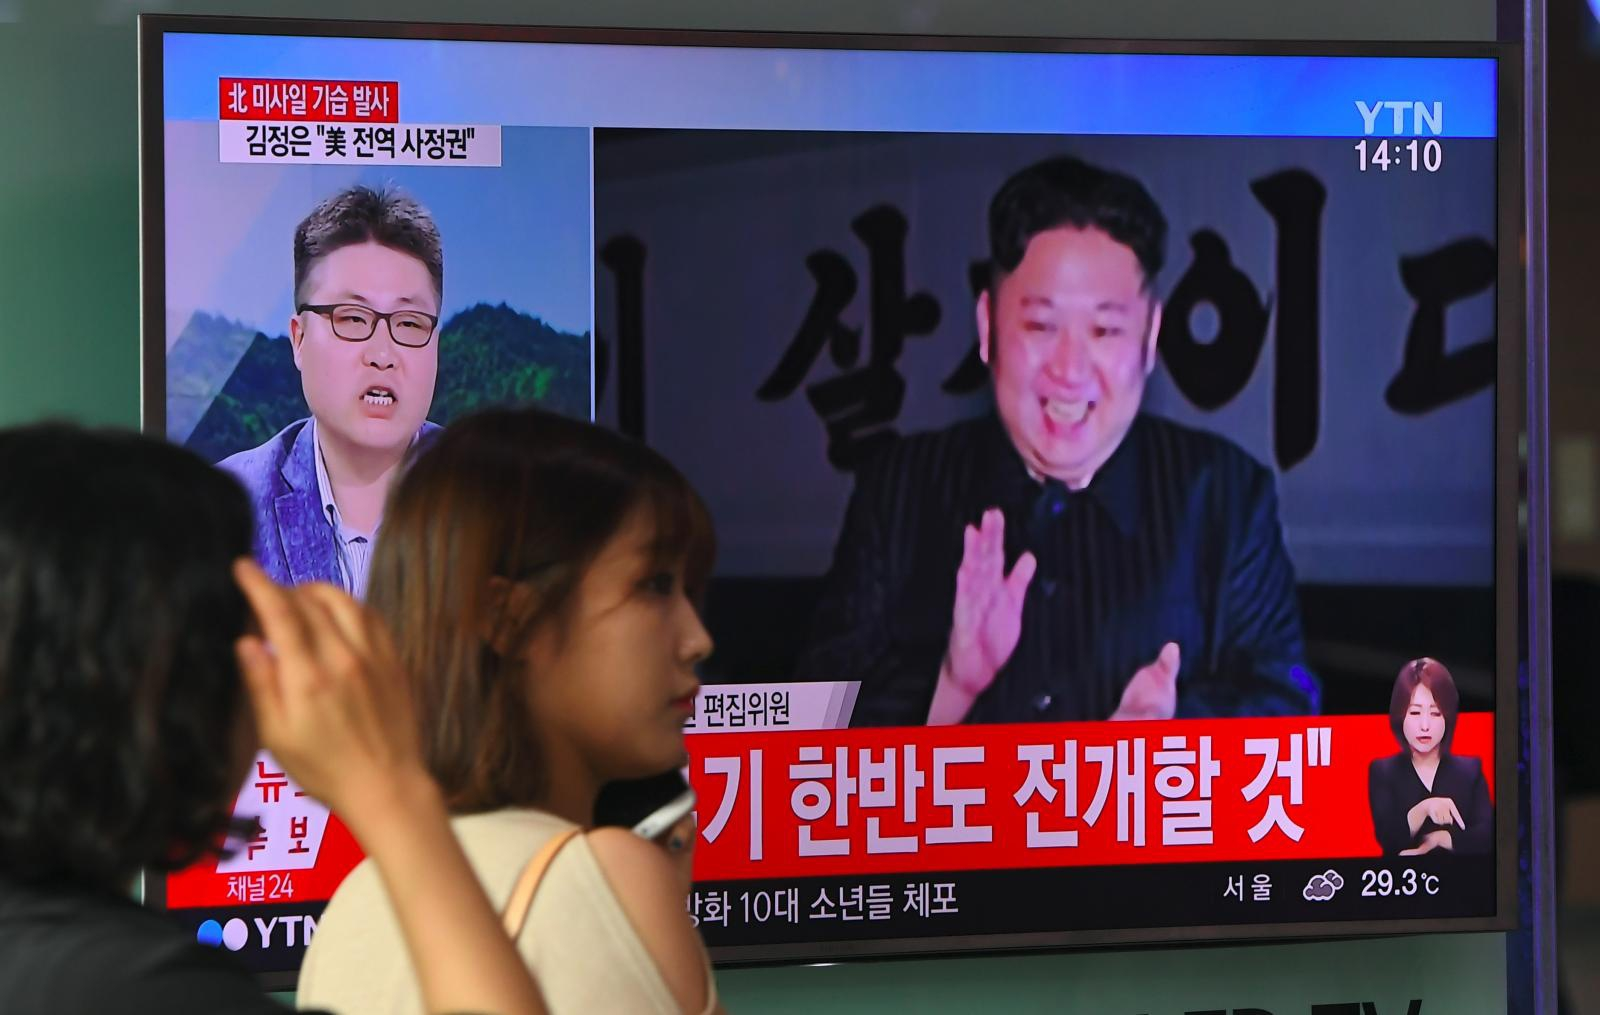 ยูเอ็นลงมติคว่ำบาตรเกาหลีเหนือครั้งสำคัญ